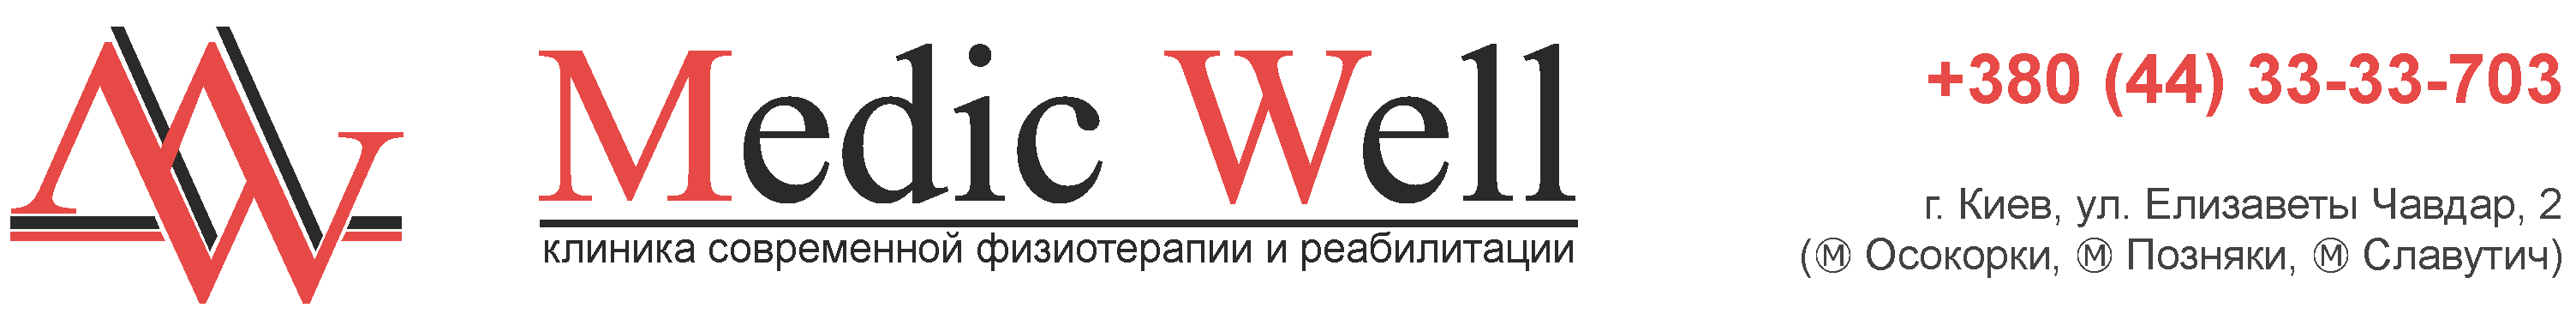 Medic Well: клиника современной физиотерапии и реабилитации